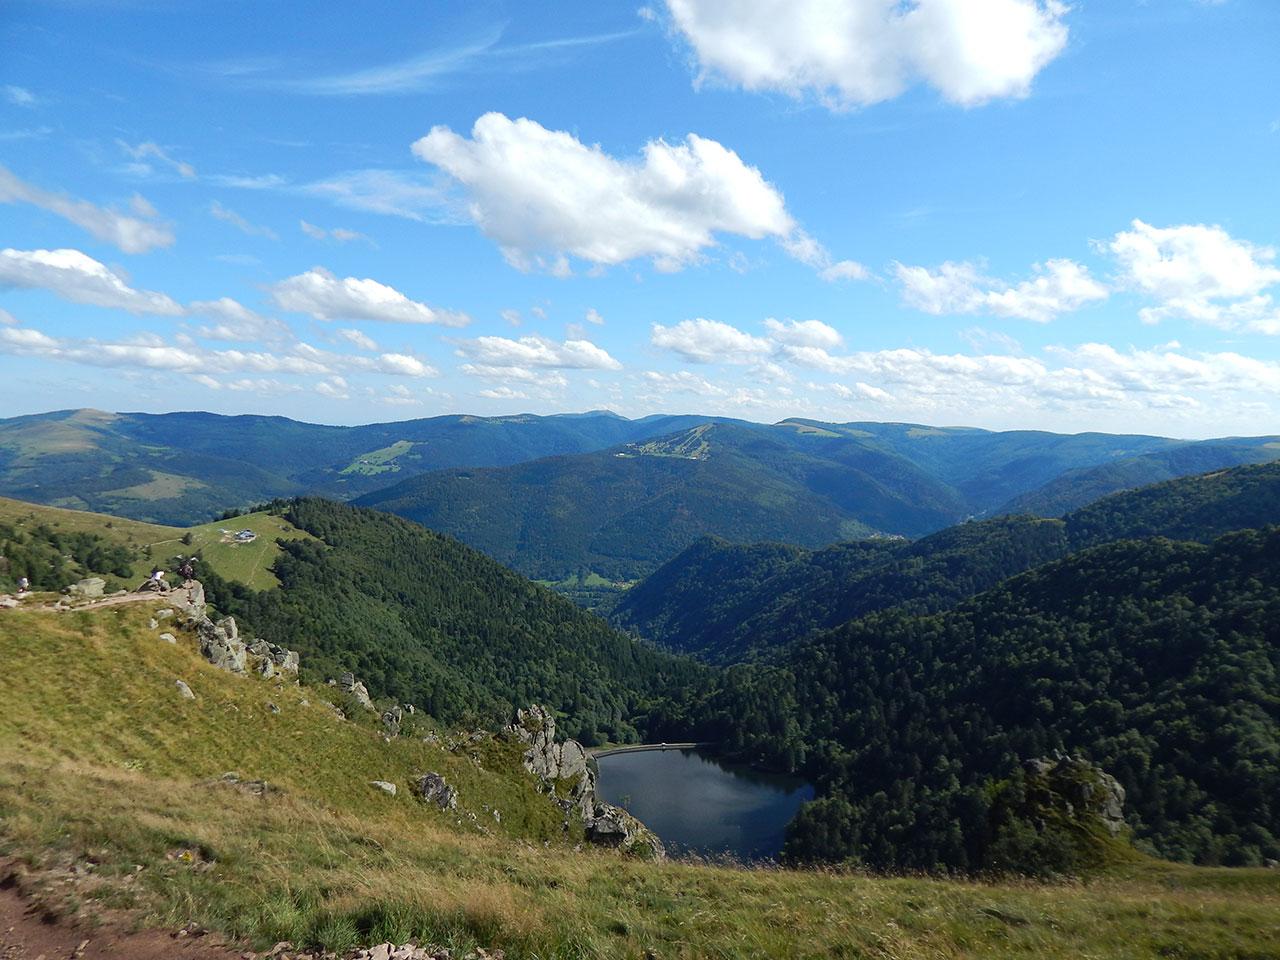 Felsenpfad Col de la Schlucht - Frankenthal - Le Hohneck